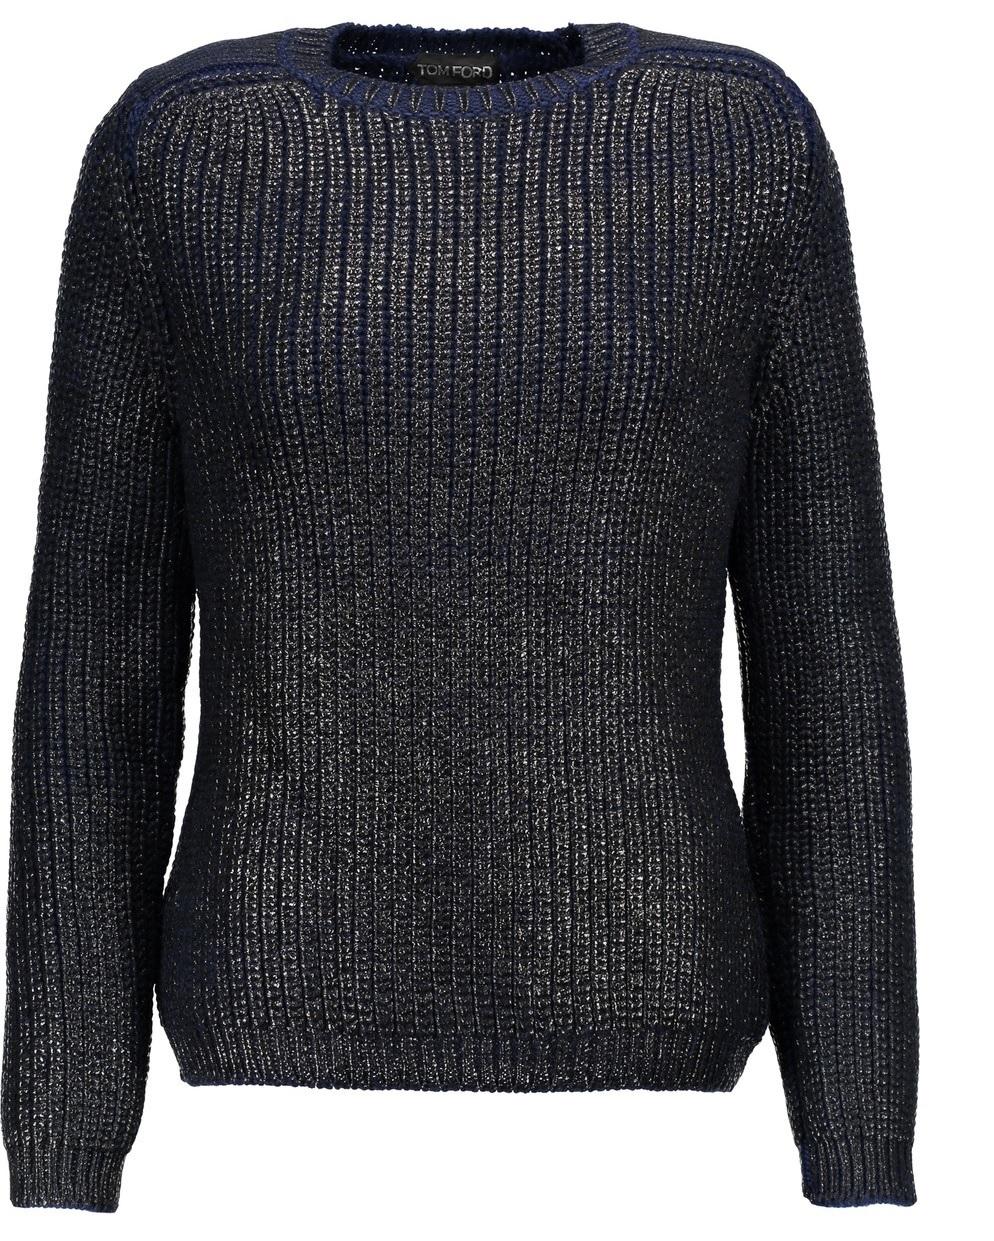 tomfordsweater2